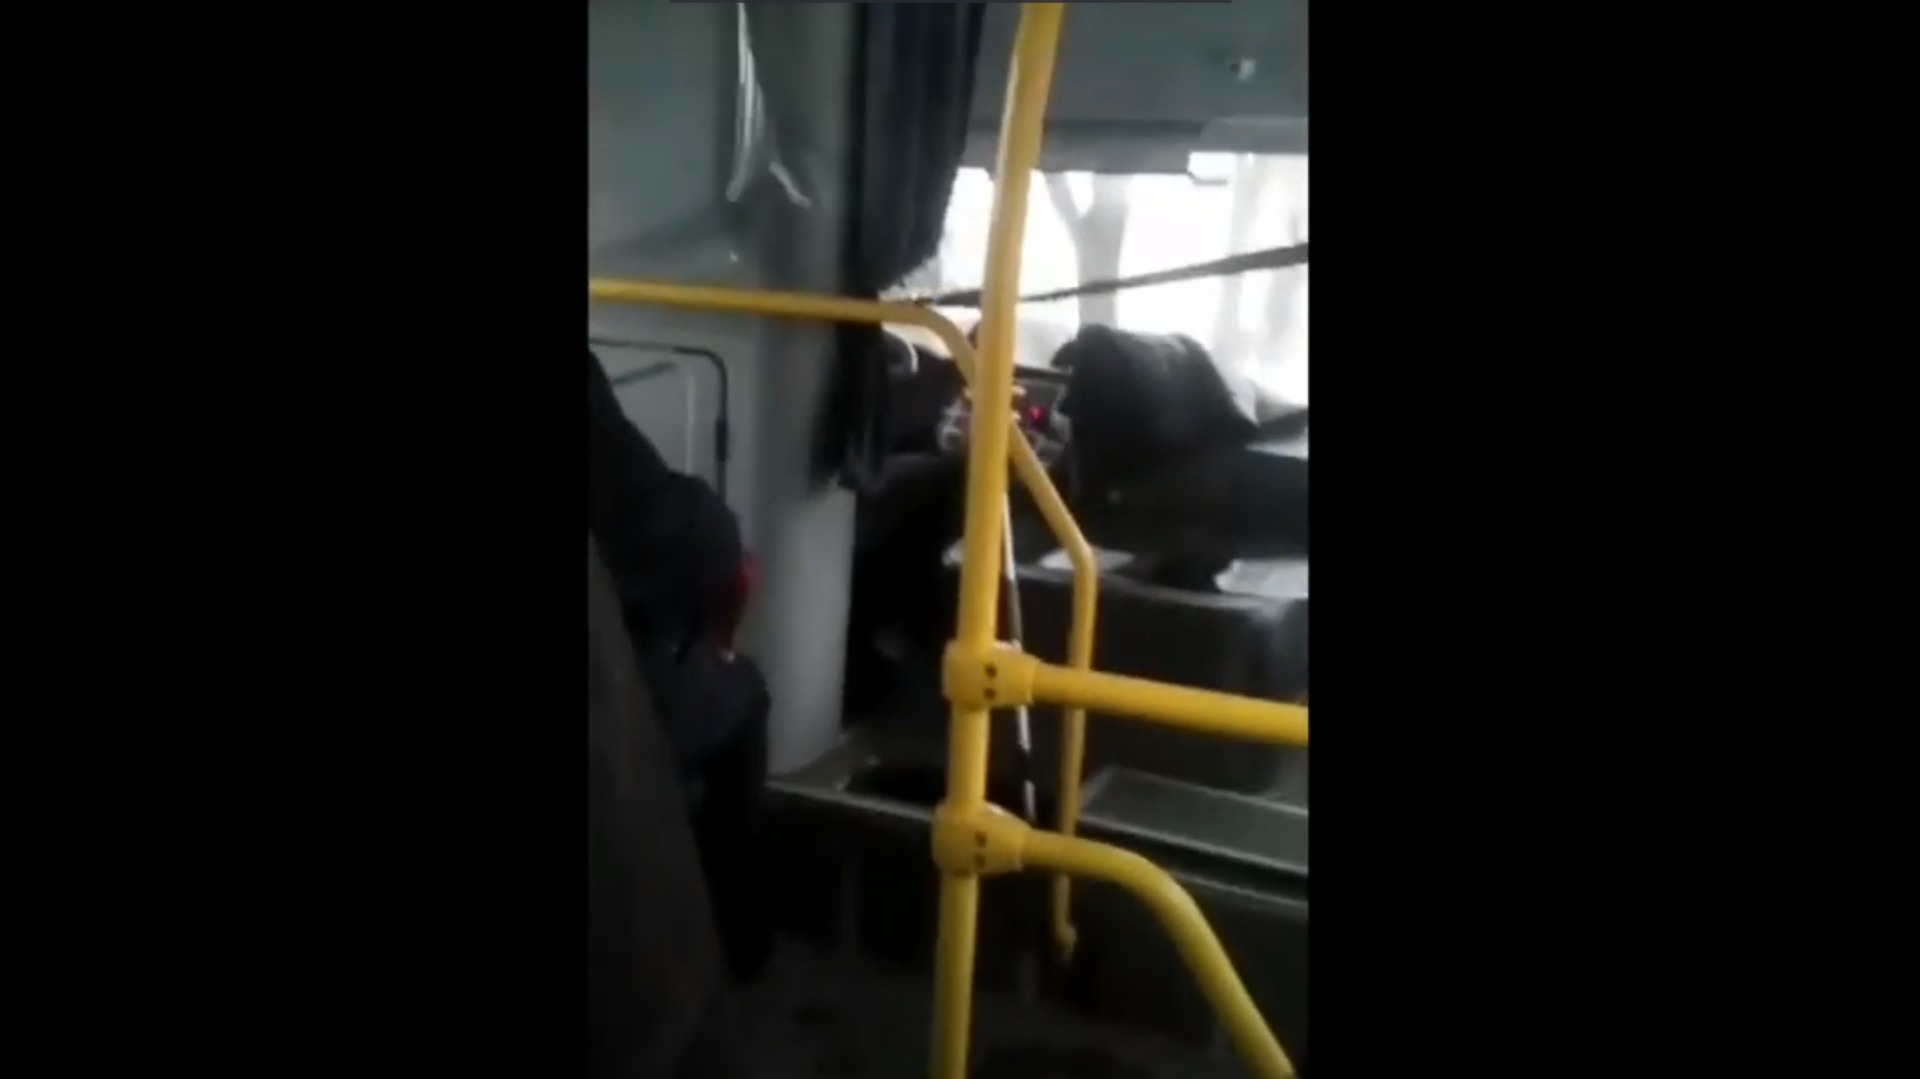 Водитель автобуса переключает передачи шваброй - РИА Новости, 1920, 14.01.2021